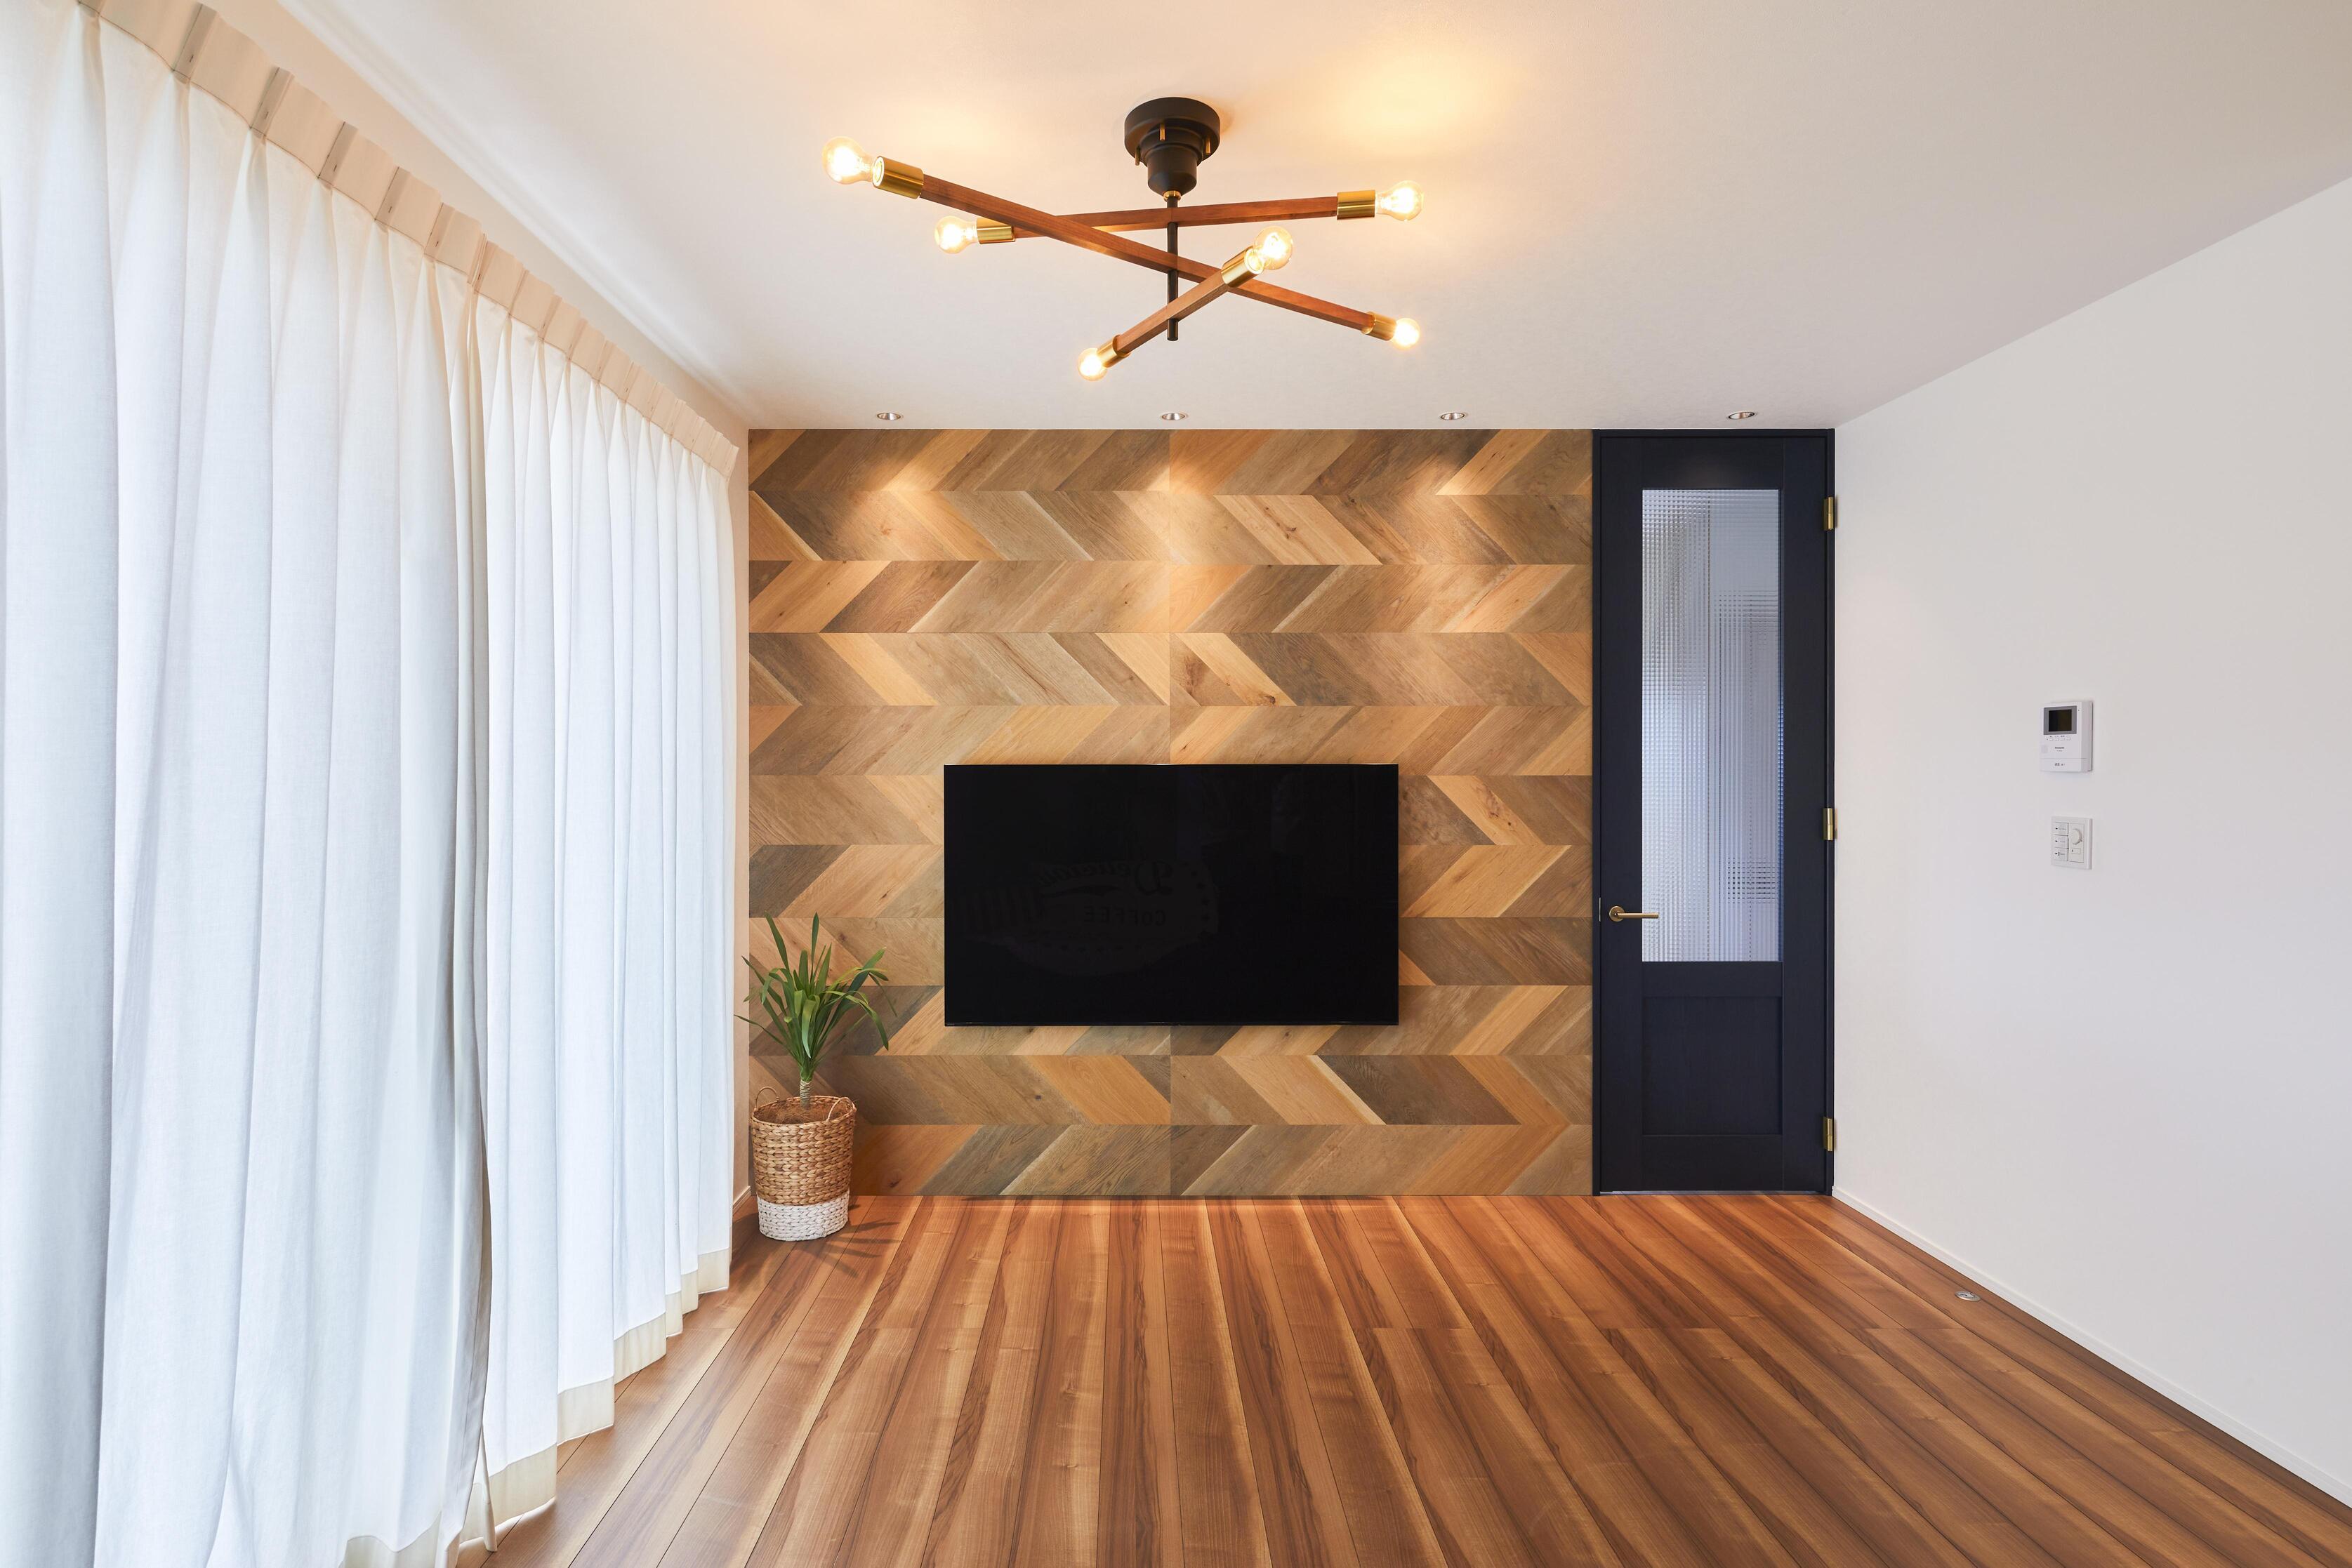 壁面にはヘリンボーン柄のリアルパネルを貼り、ダウンライトで照らすことにより大人っぽい雰囲気に